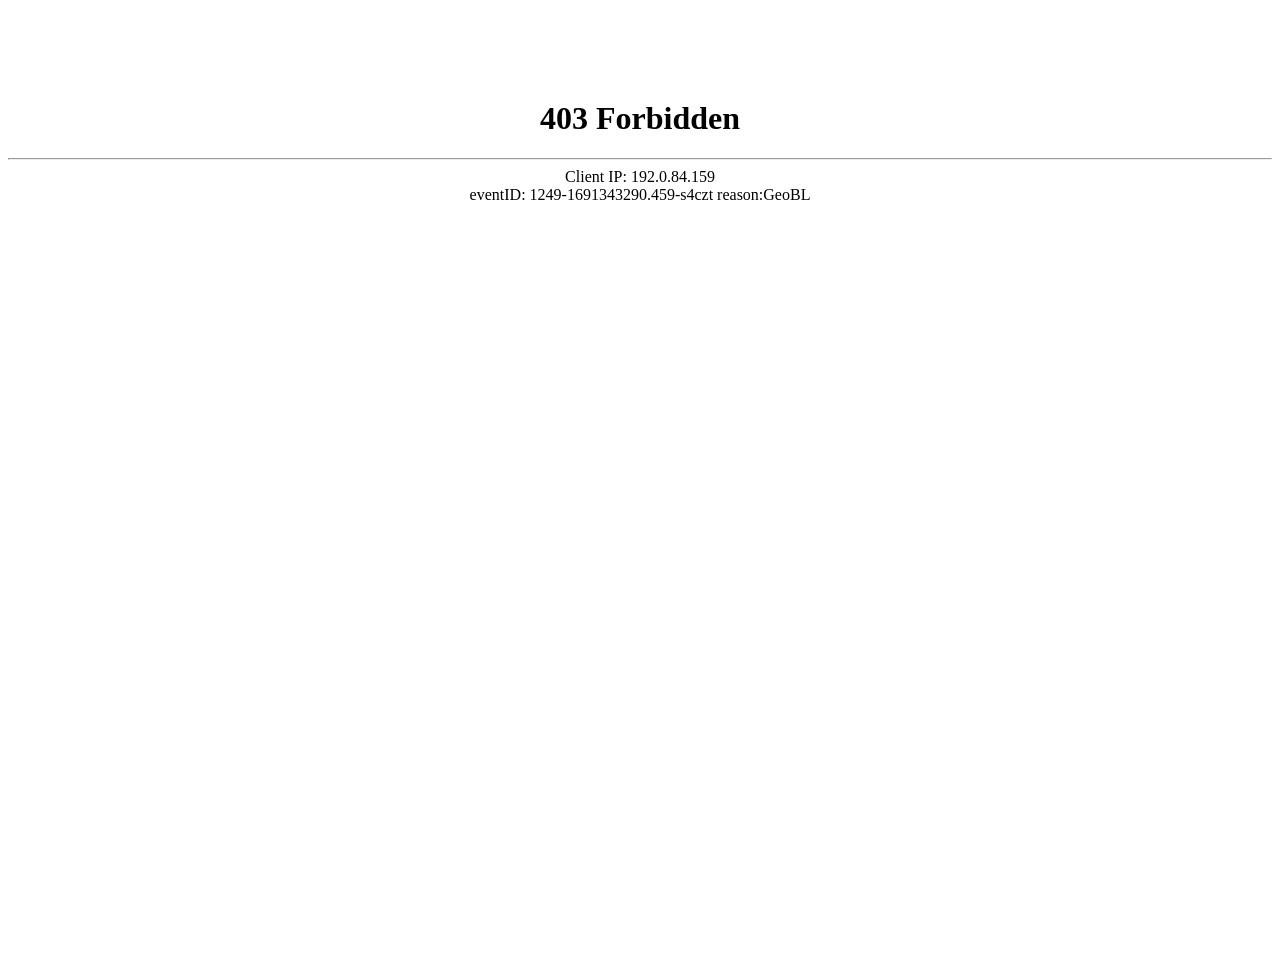 中国执行信息公开网